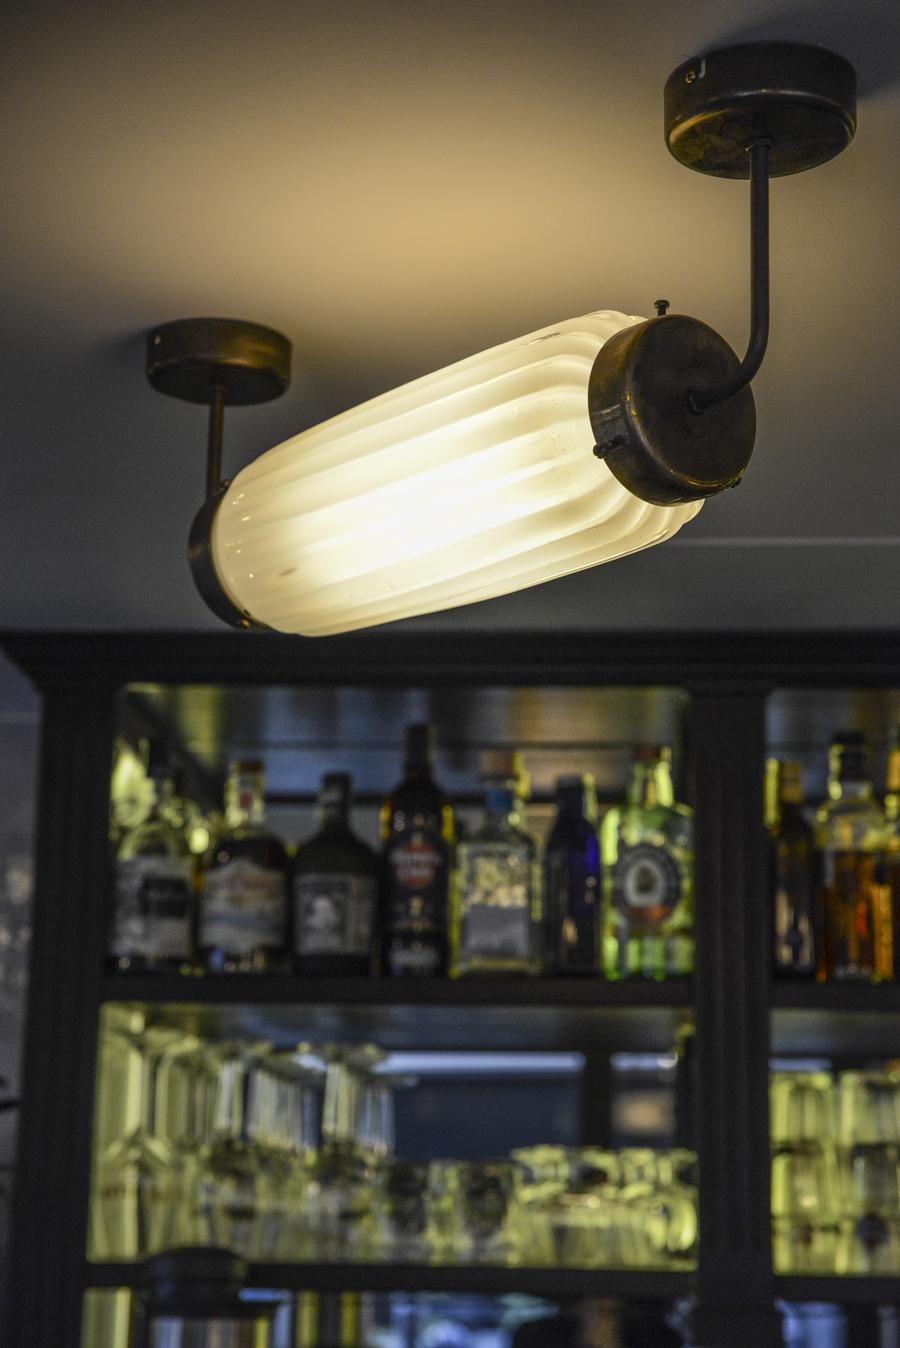 Le Studio Emma Roux en collaboration avec Christopher Matignon Architecte d'intérieur ont participé aux travaux de rénovation du restaurant Le Chalet à Paris. Luminaire Vanessa Mitrani